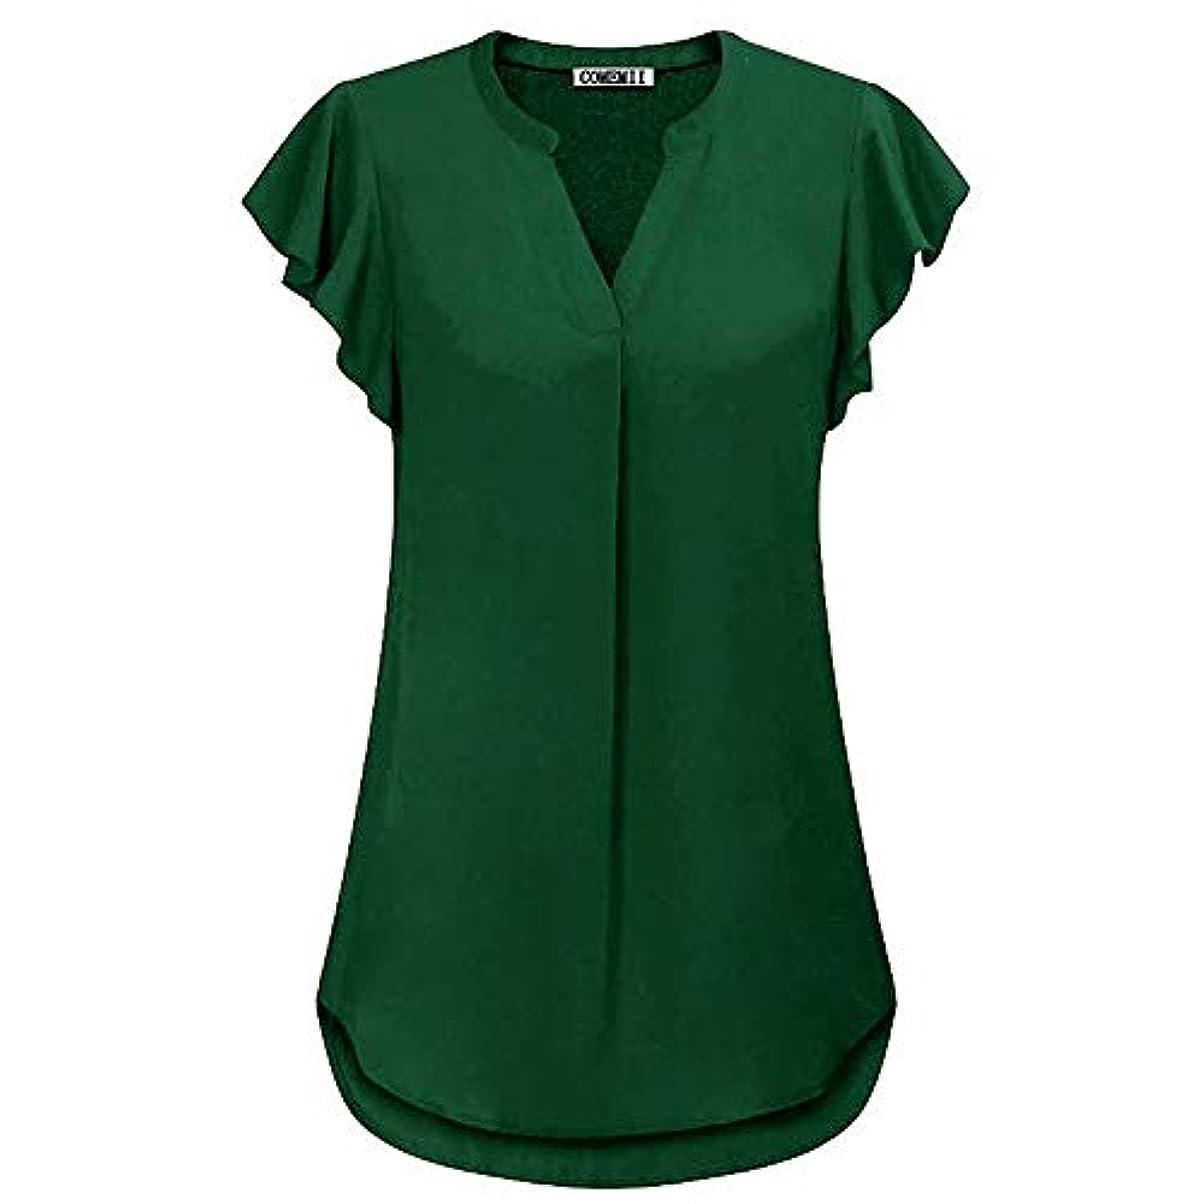 染色研究所対処MIFAN女性ブラウス、シフォンブラウス、カジュアルTシャツ、ゆったりしたTシャツ、夏用トップス、シフォンシャツ、半袖、プラスサイズのファッション